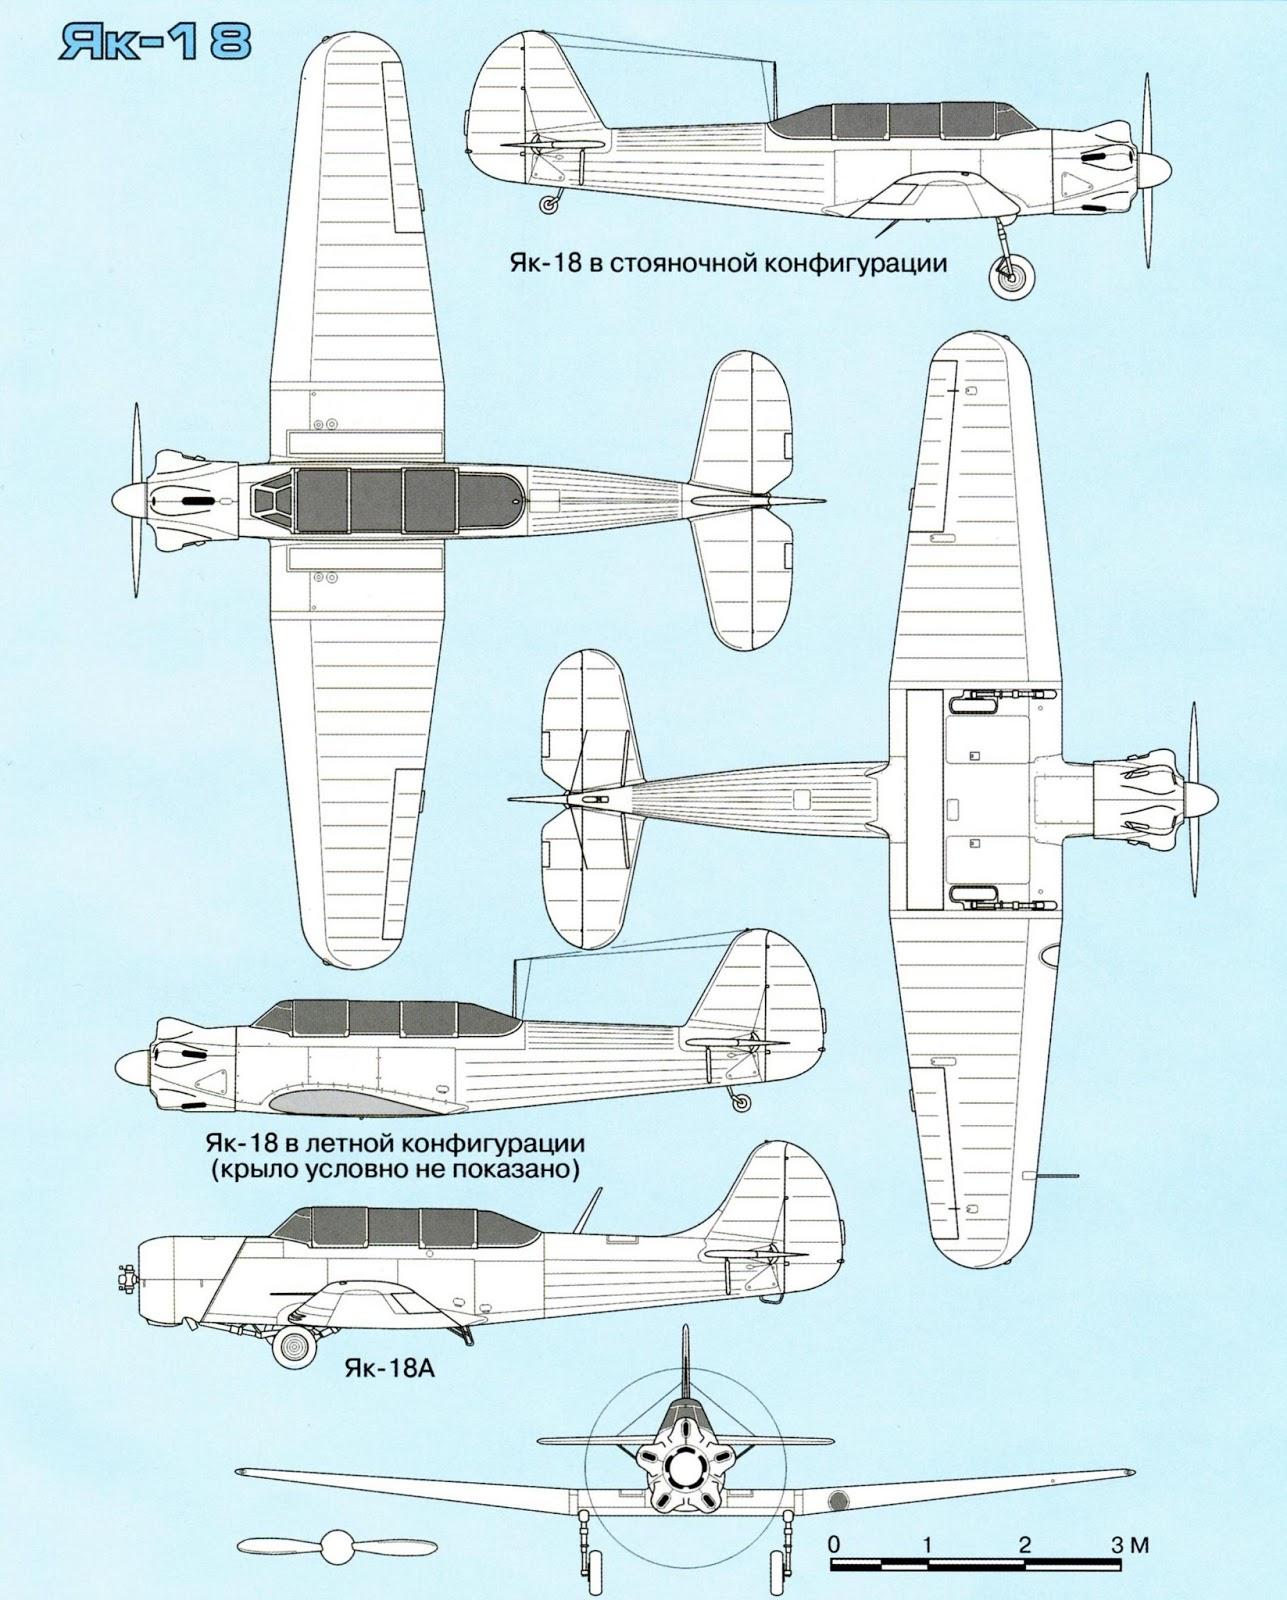 характеристики Як-18